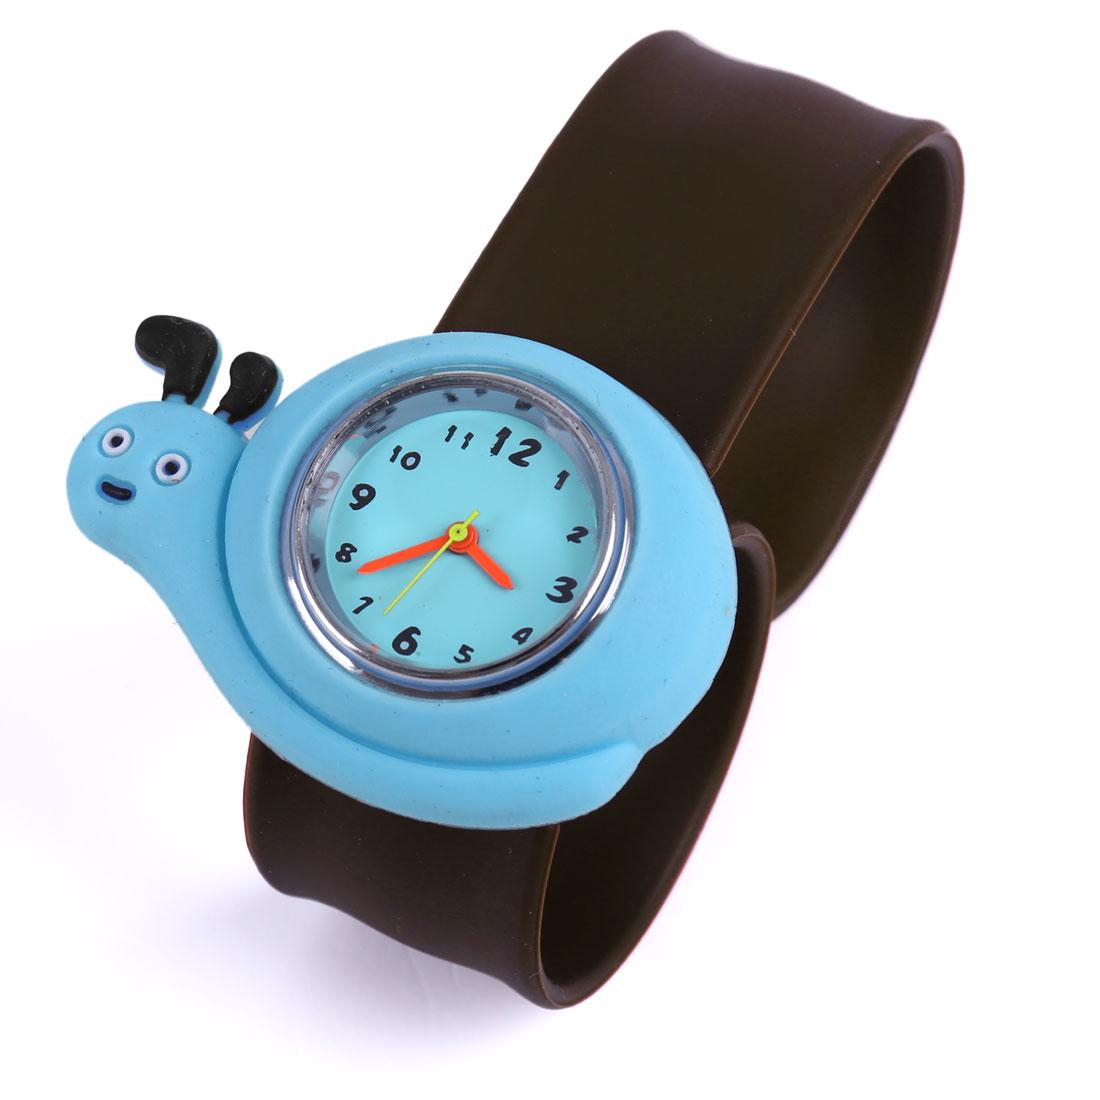 2013 NEWS Cartoon Snail Design Wrist Watch for Children Brown Blue